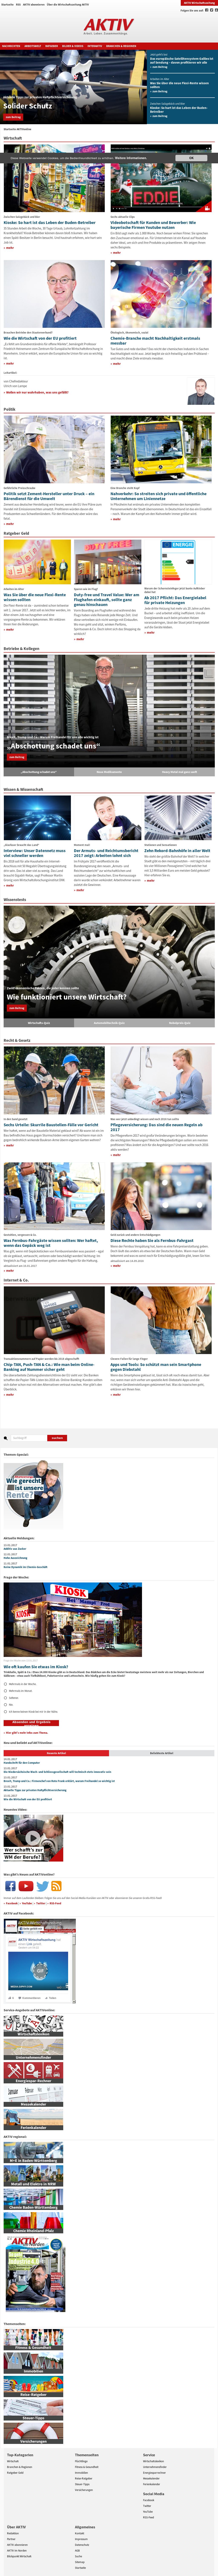 Wirtschaftszeitung online dating